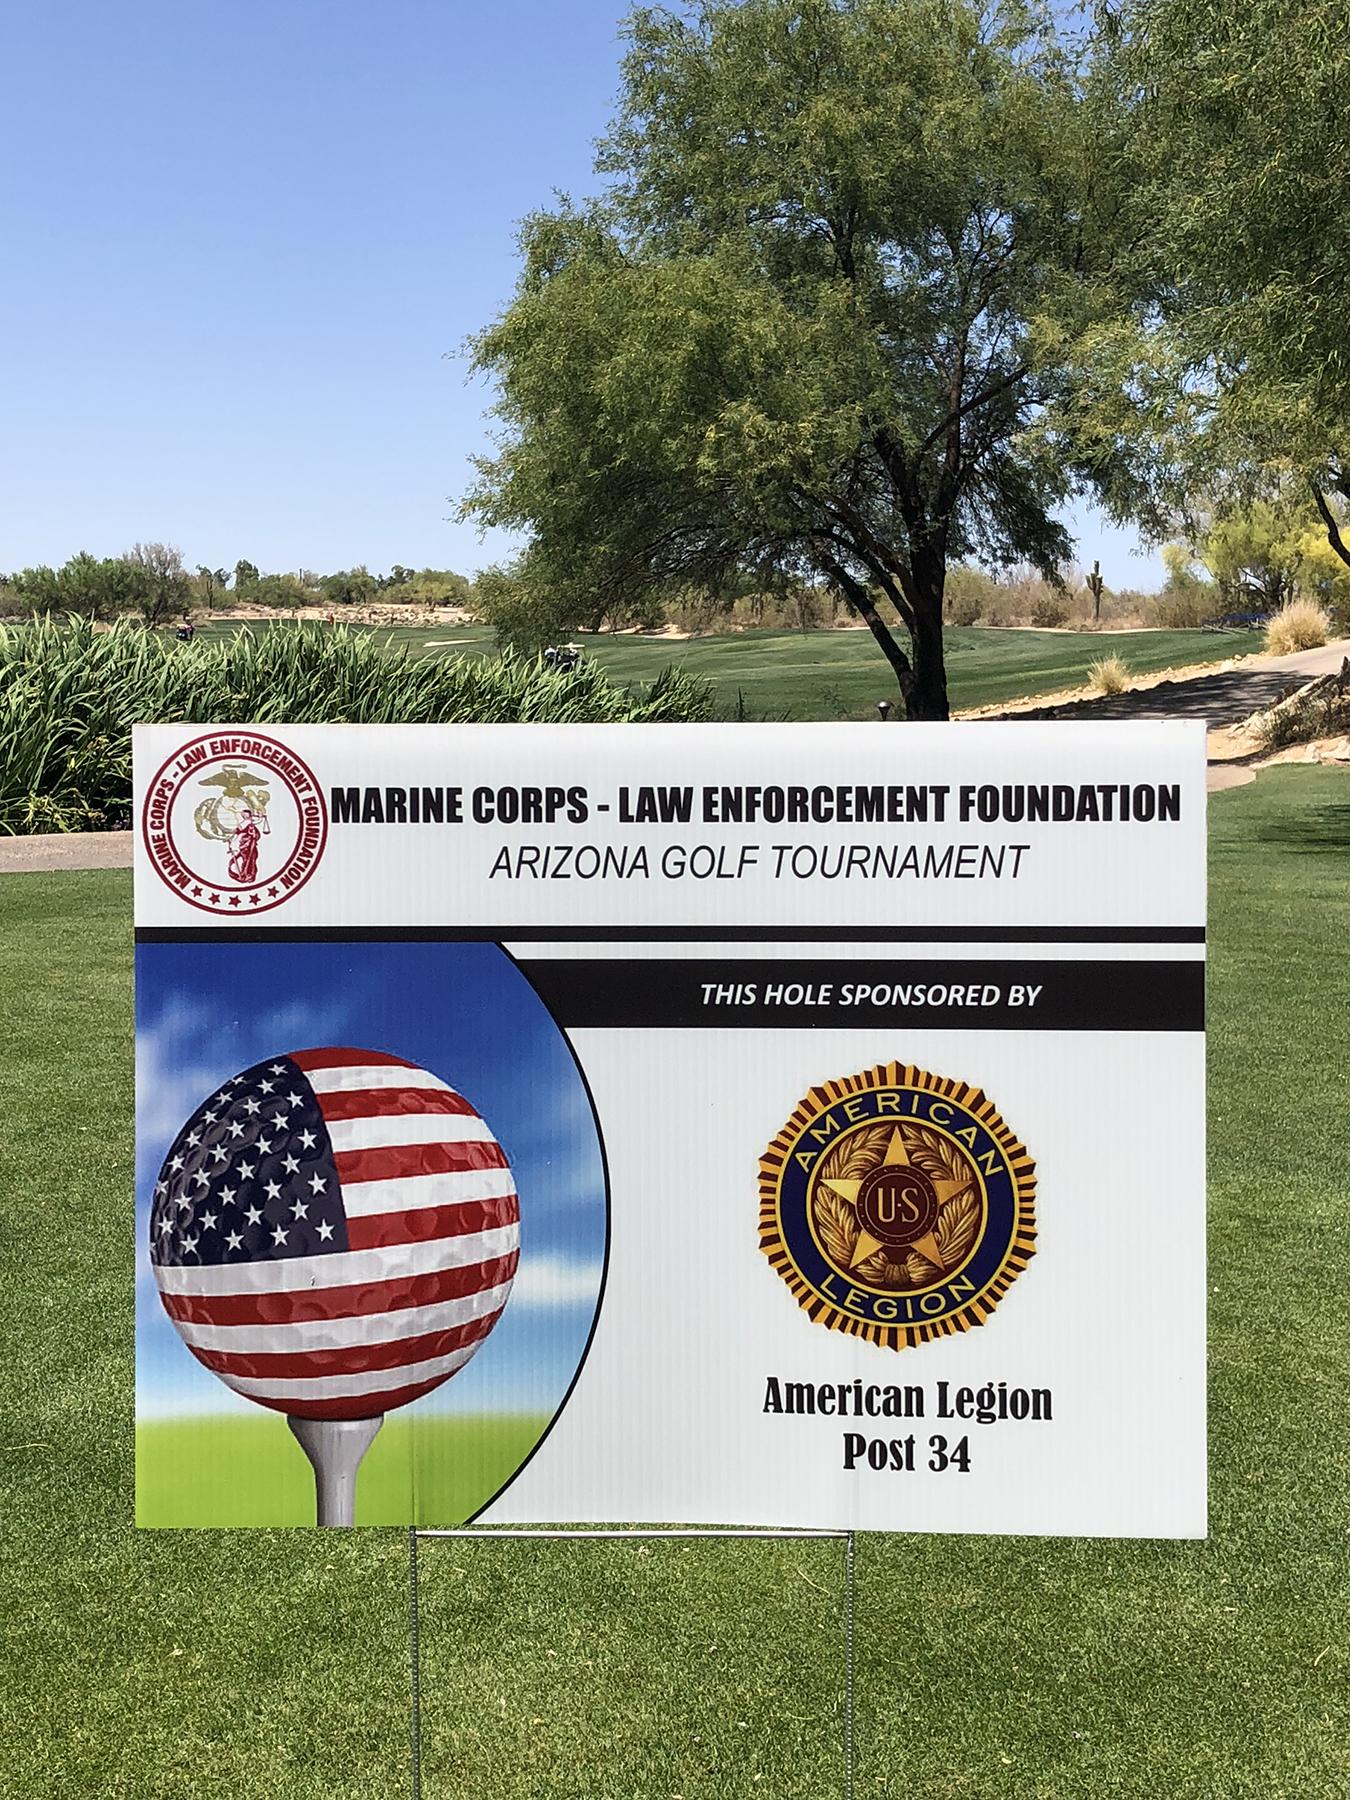 Sponsor sign for American Legion Post 34